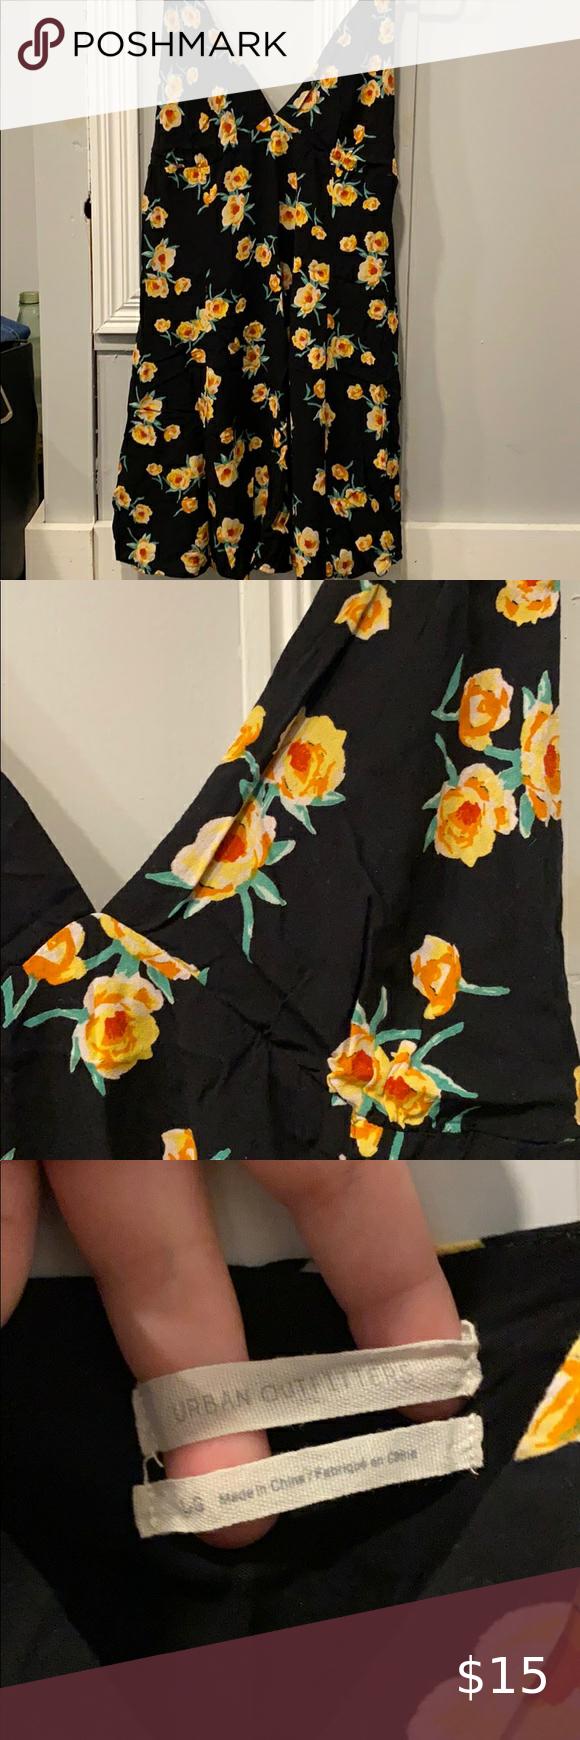 Uo Floral Dress Floral Dress Black Floral Dress Floral [ 1740 x 580 Pixel ]